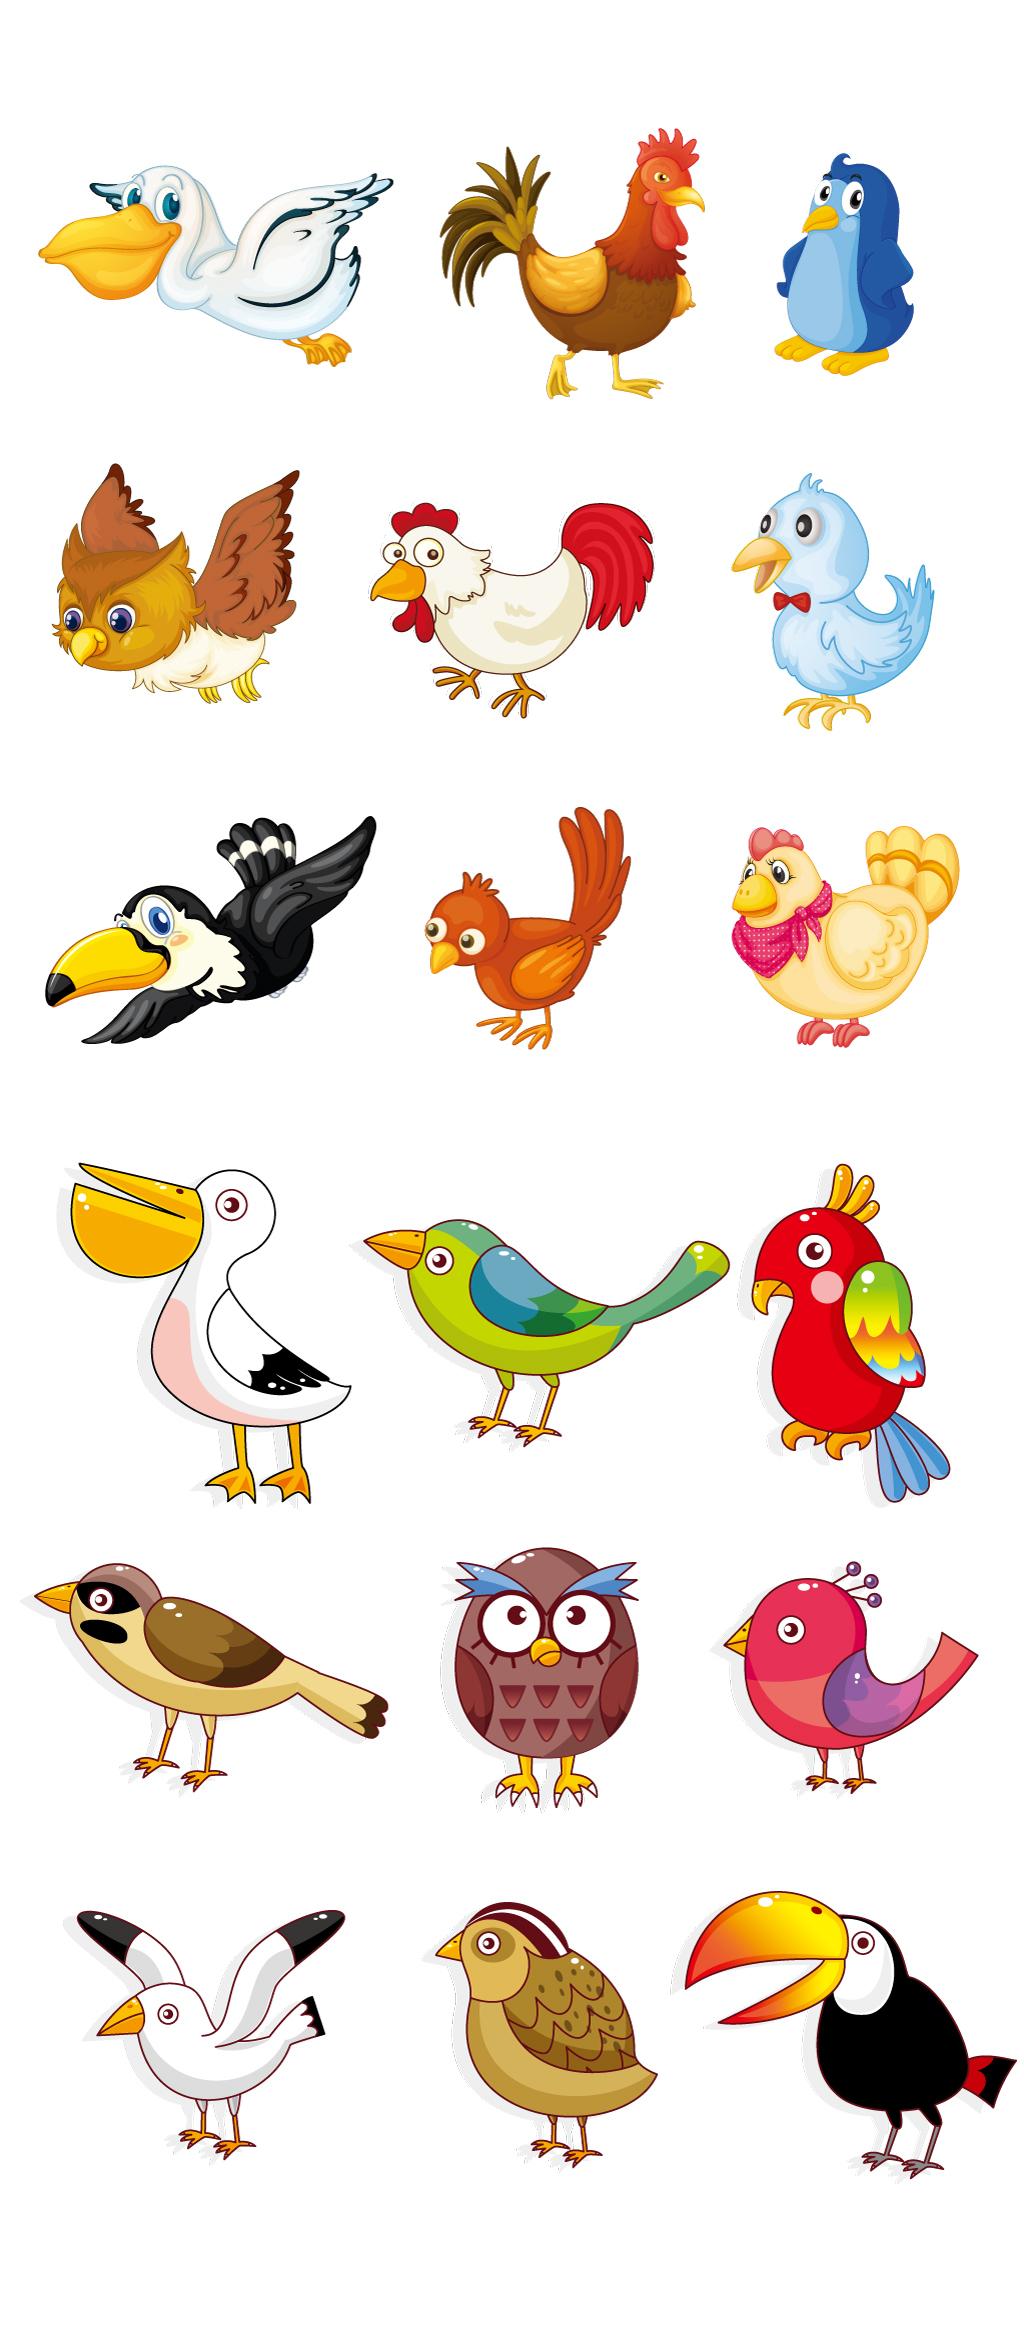 创意手绘卡通小动物集合鸟类啄木鸟小.图片设计素材